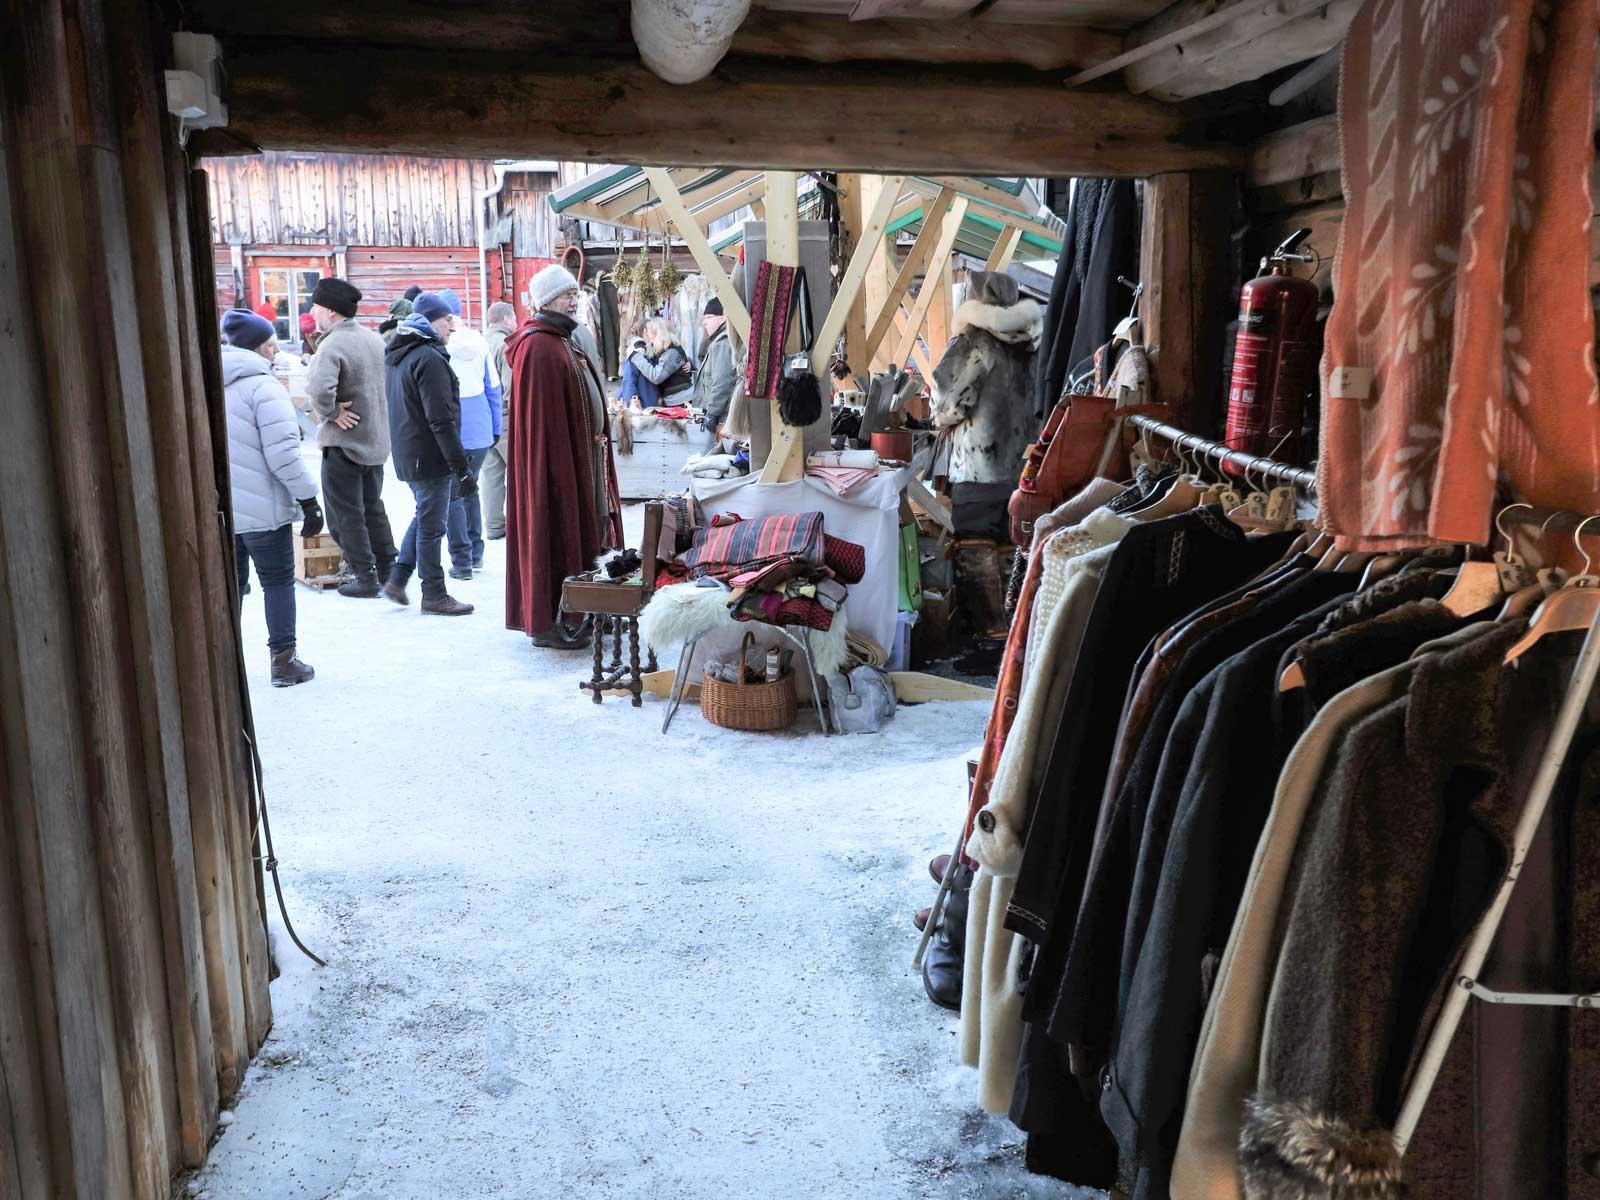 Inne på Rasmusgården hittar vi Klövsjö FBF. De erbjuder kolbulle, kaffe och underhållning och säljer bland annat pälsar och hantverk.